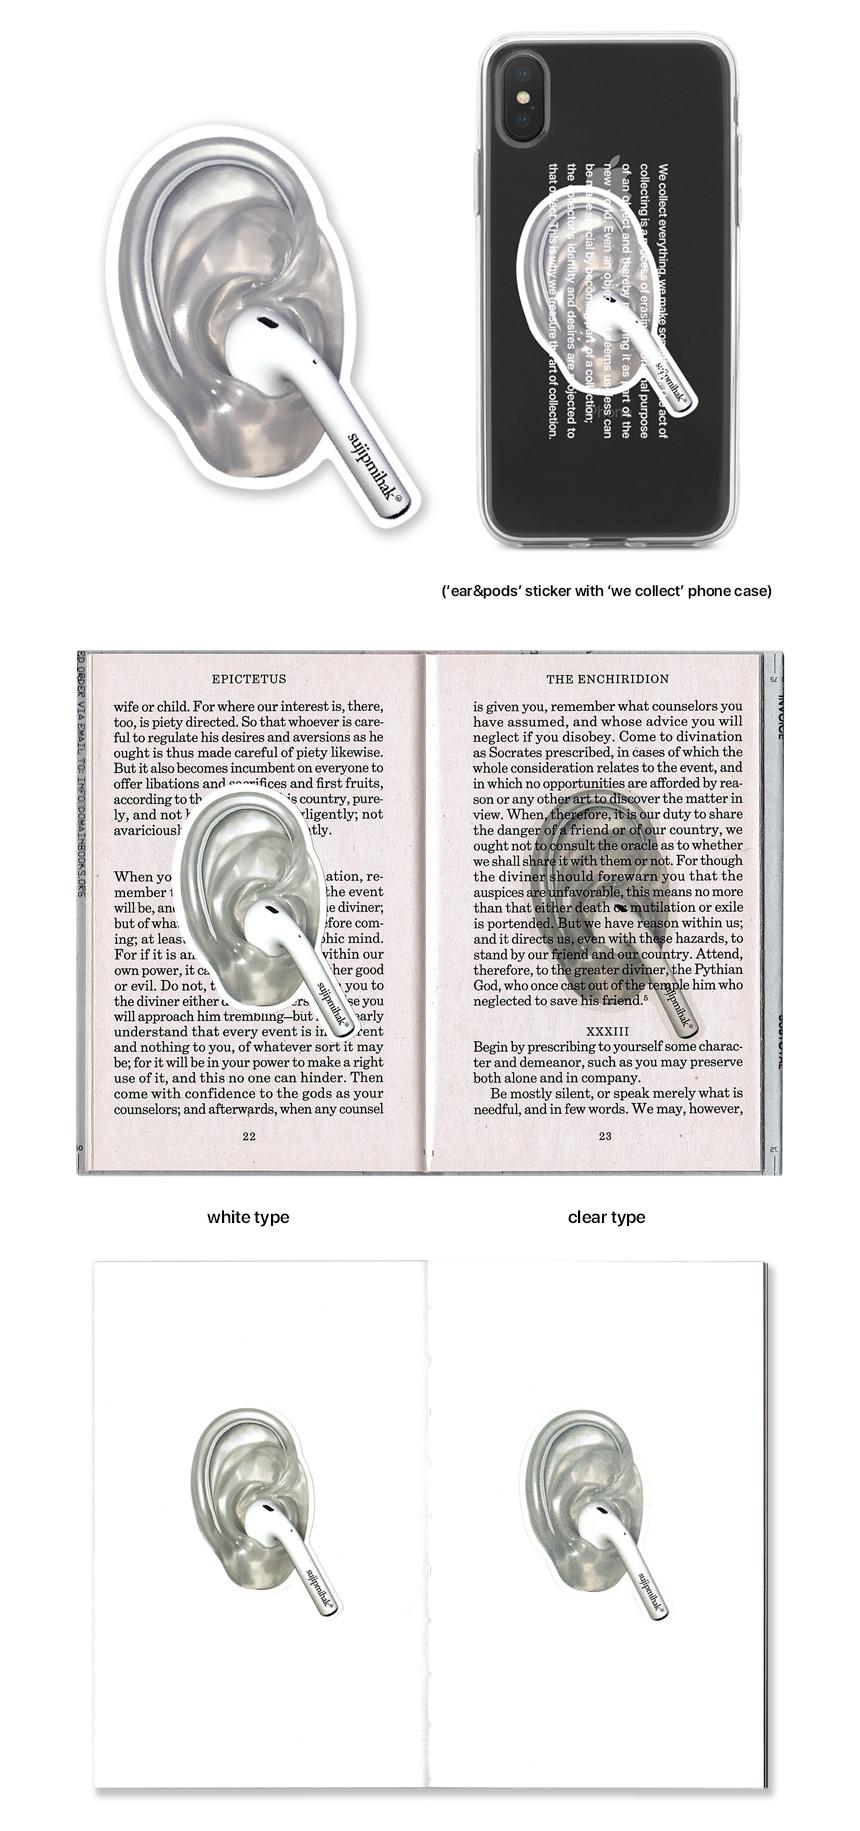 sujipmihak 'ear&pods' sticker